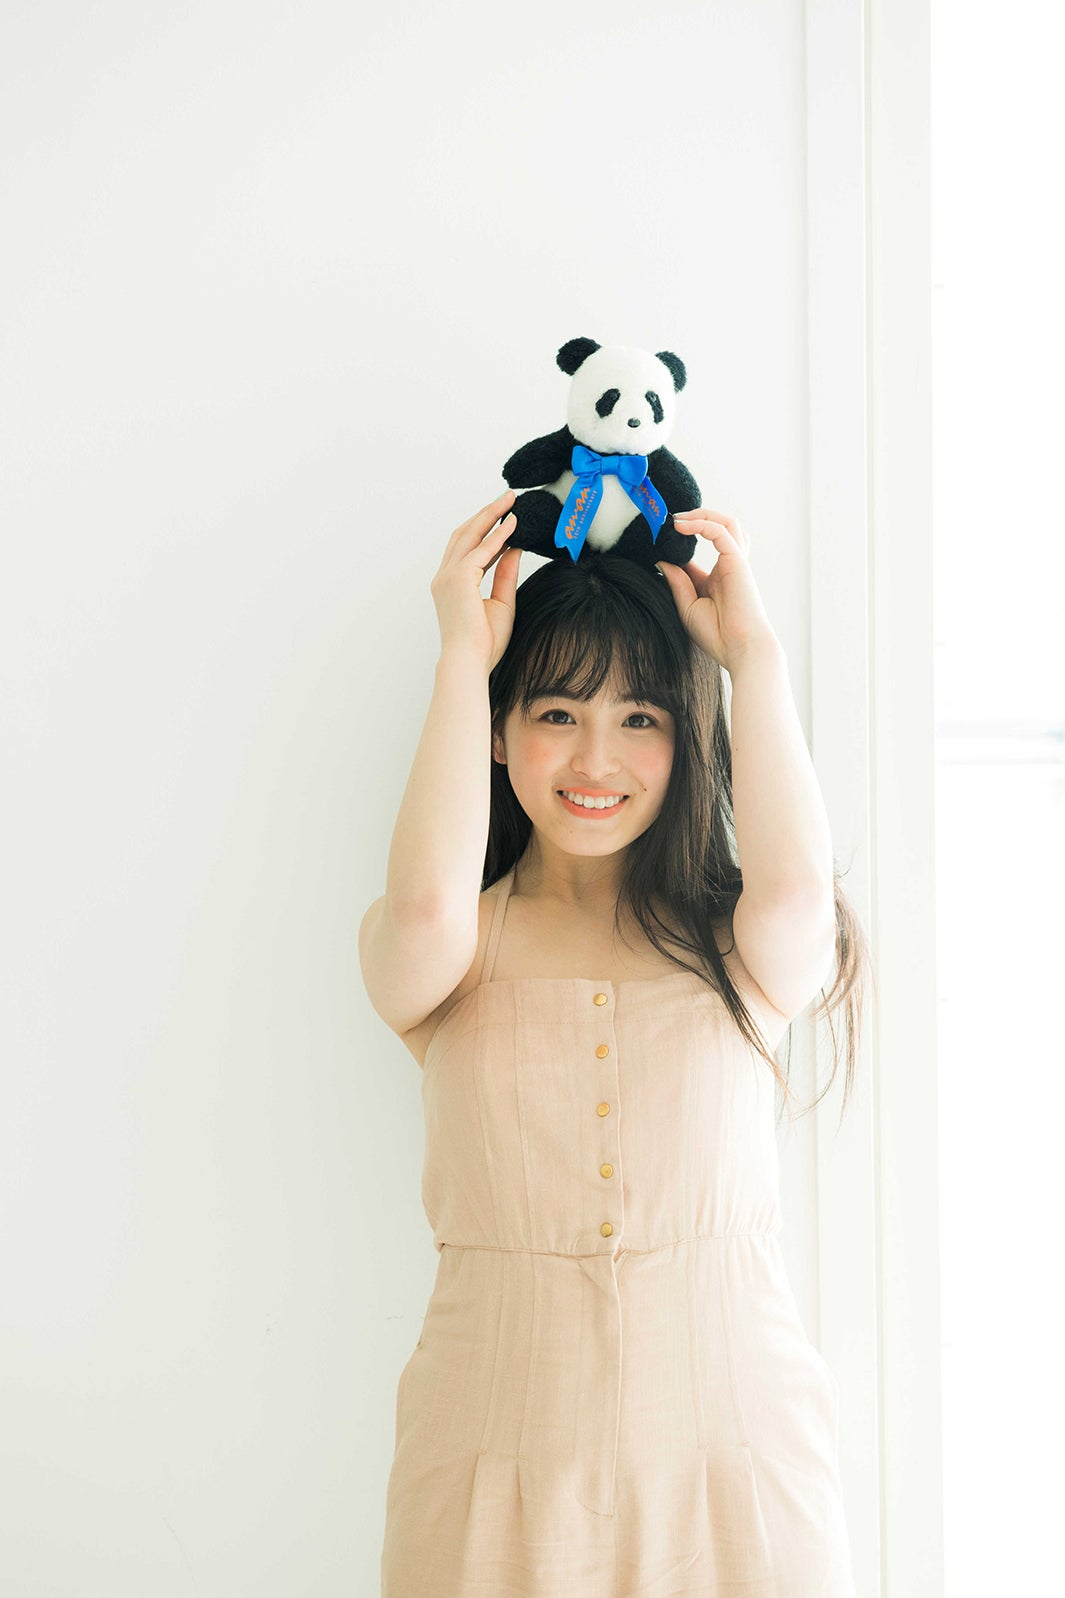 乃木坂46大園桃子、衛藤美彩の後任に 人気連載の新メンバーに決定